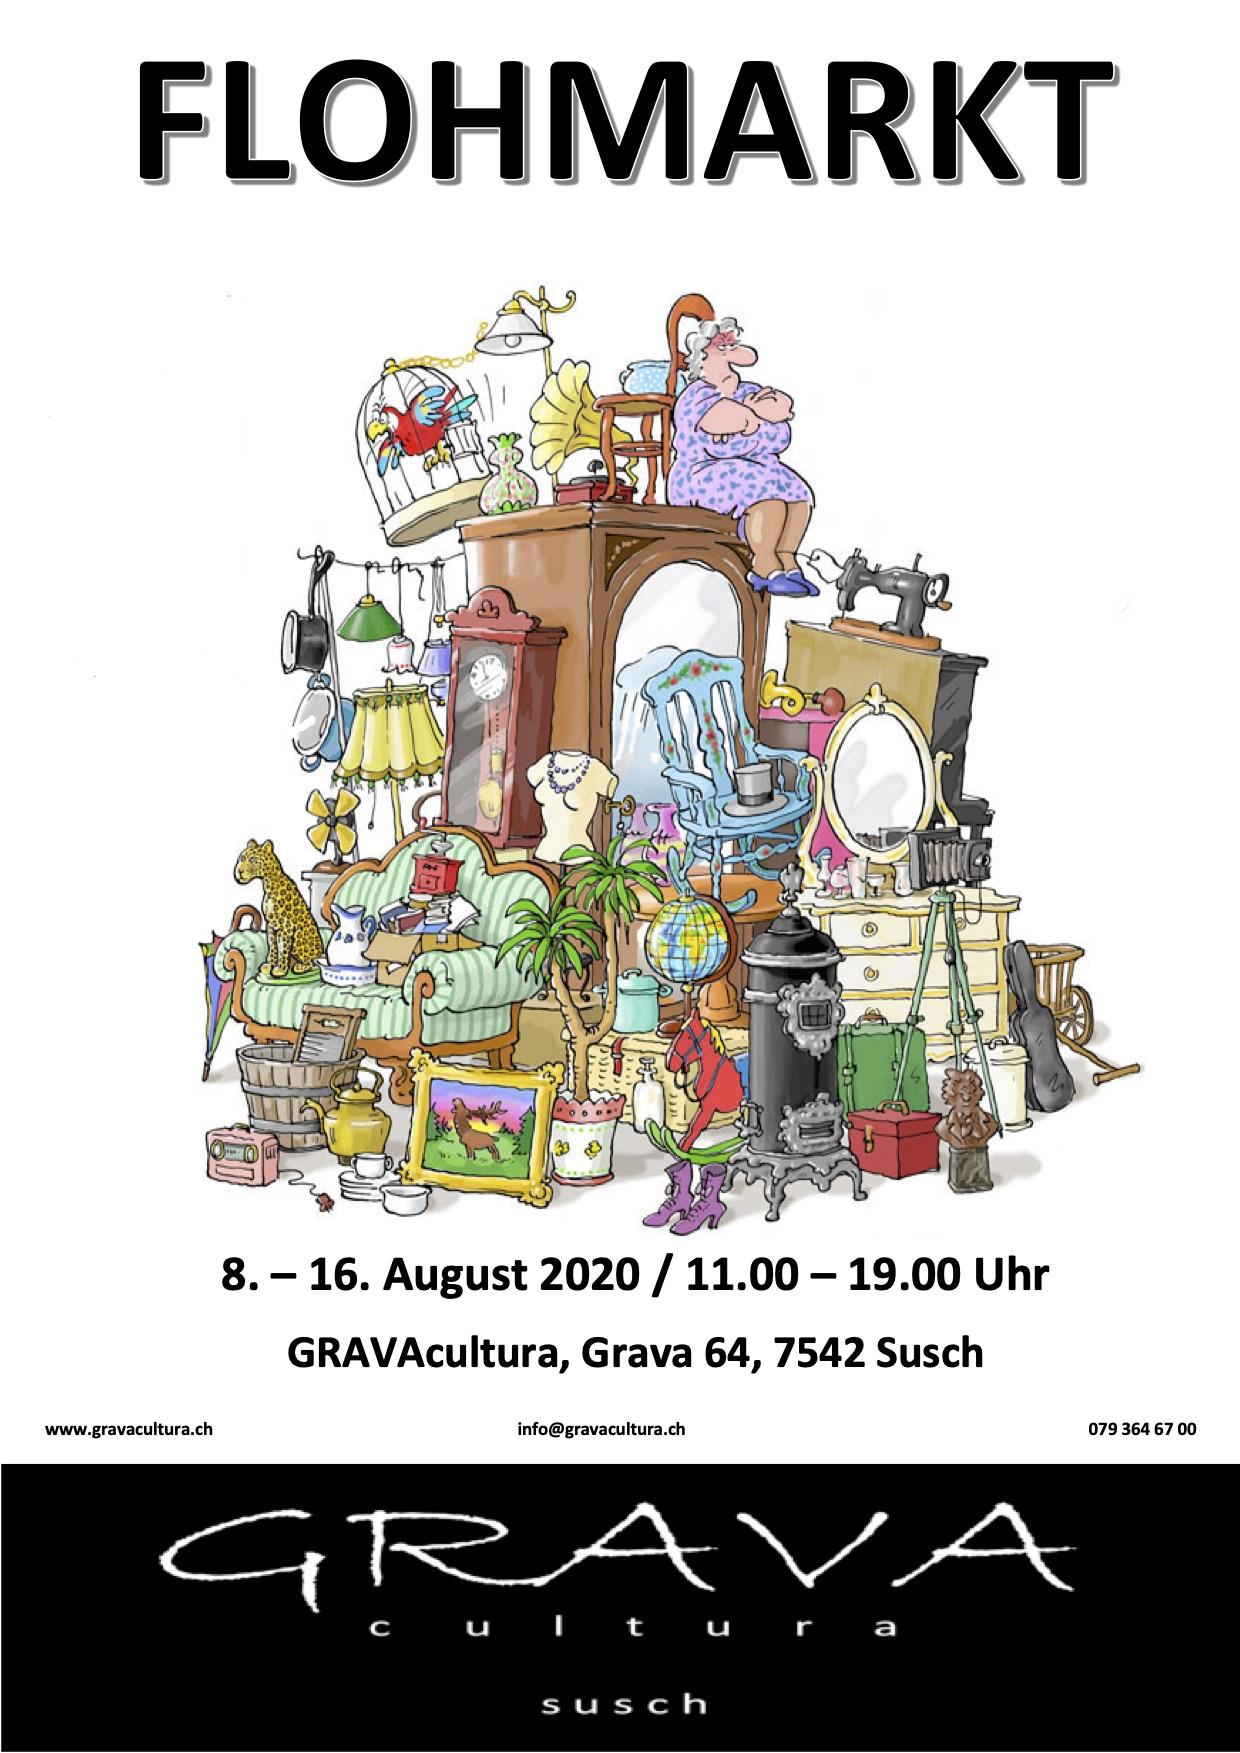 Flohmarkt GRAVAcultura